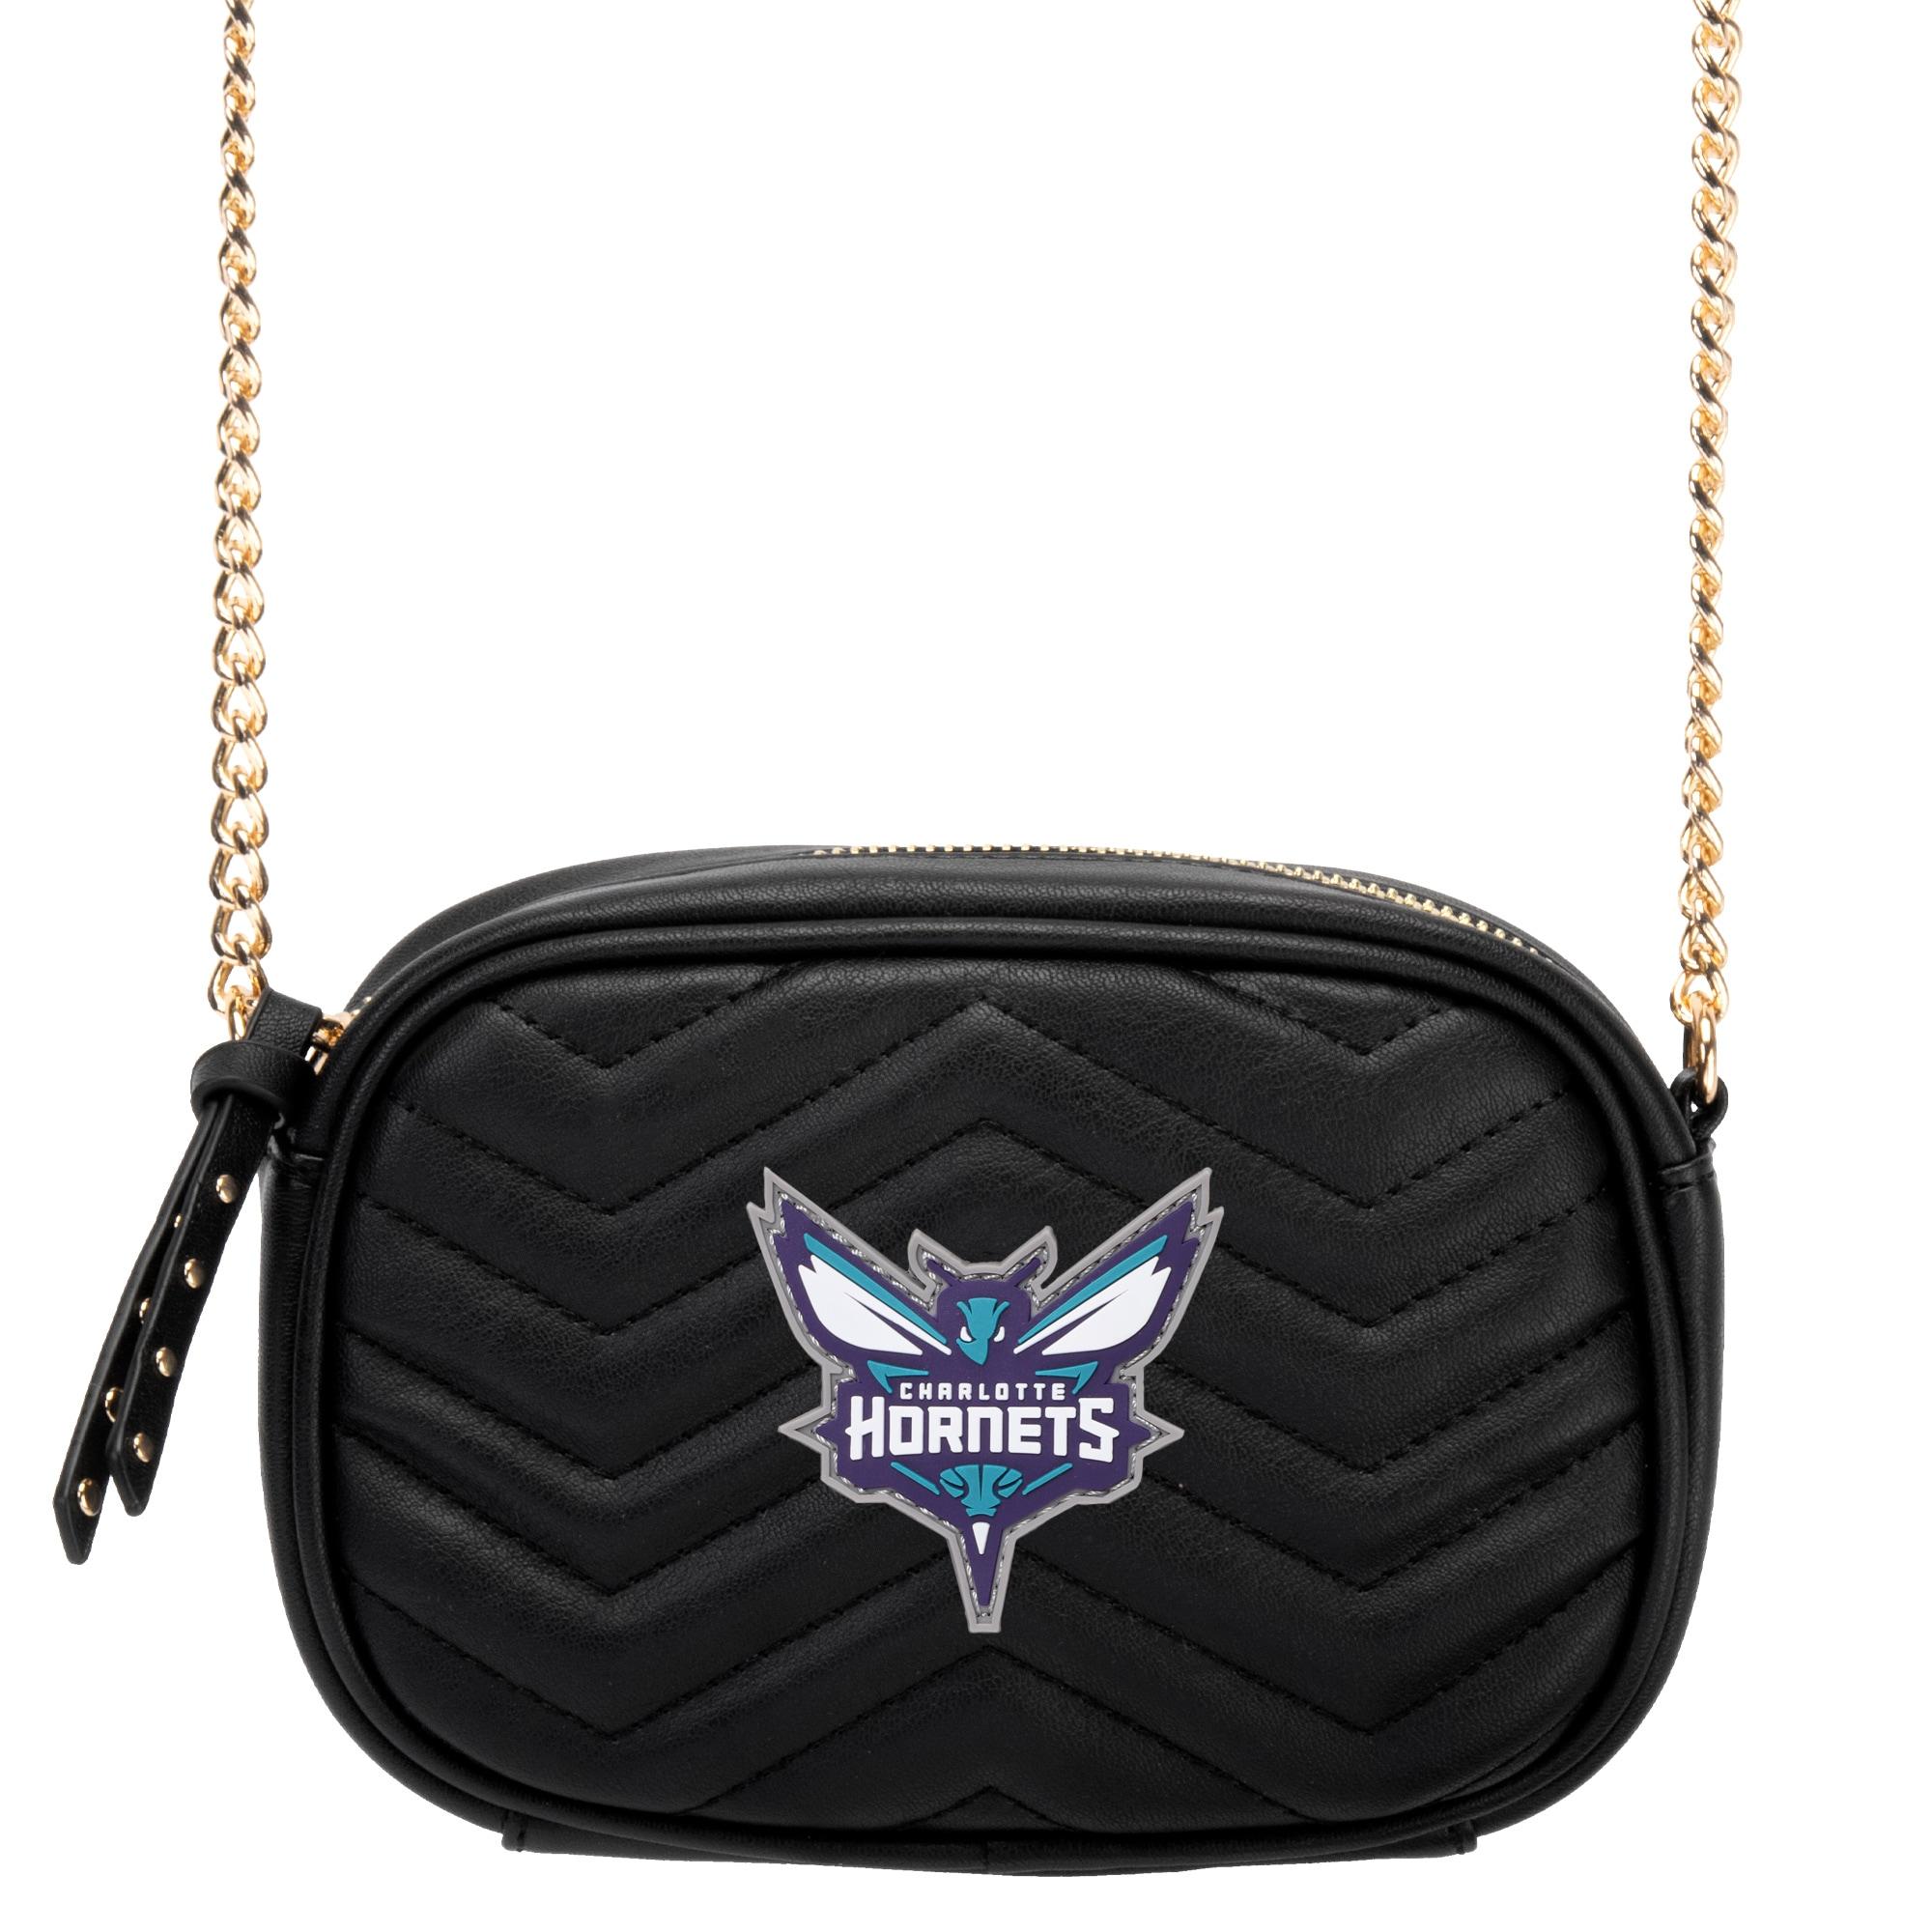 Charlotte Hornets Women's Crossbody Bag - Black